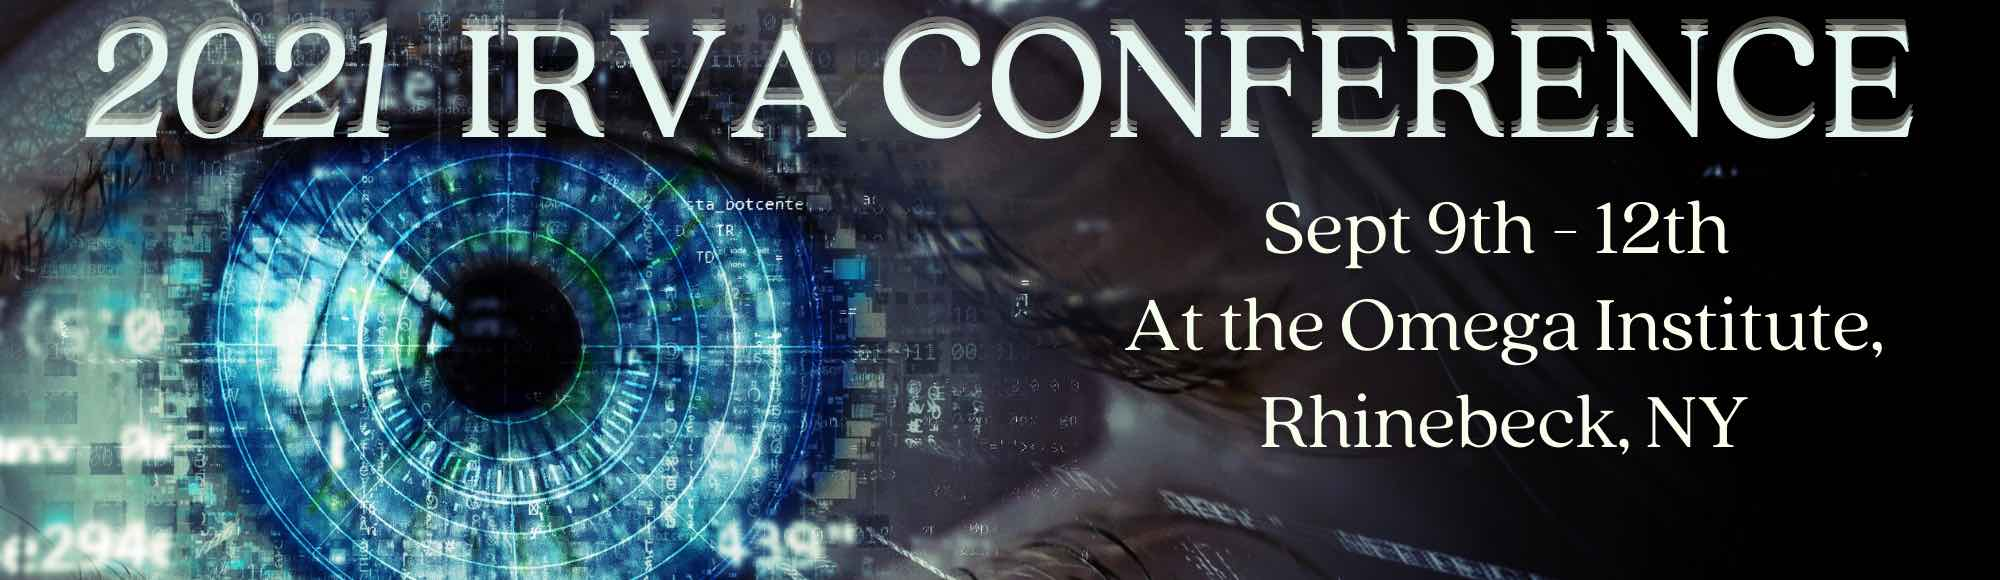 IRVA Conference Ad